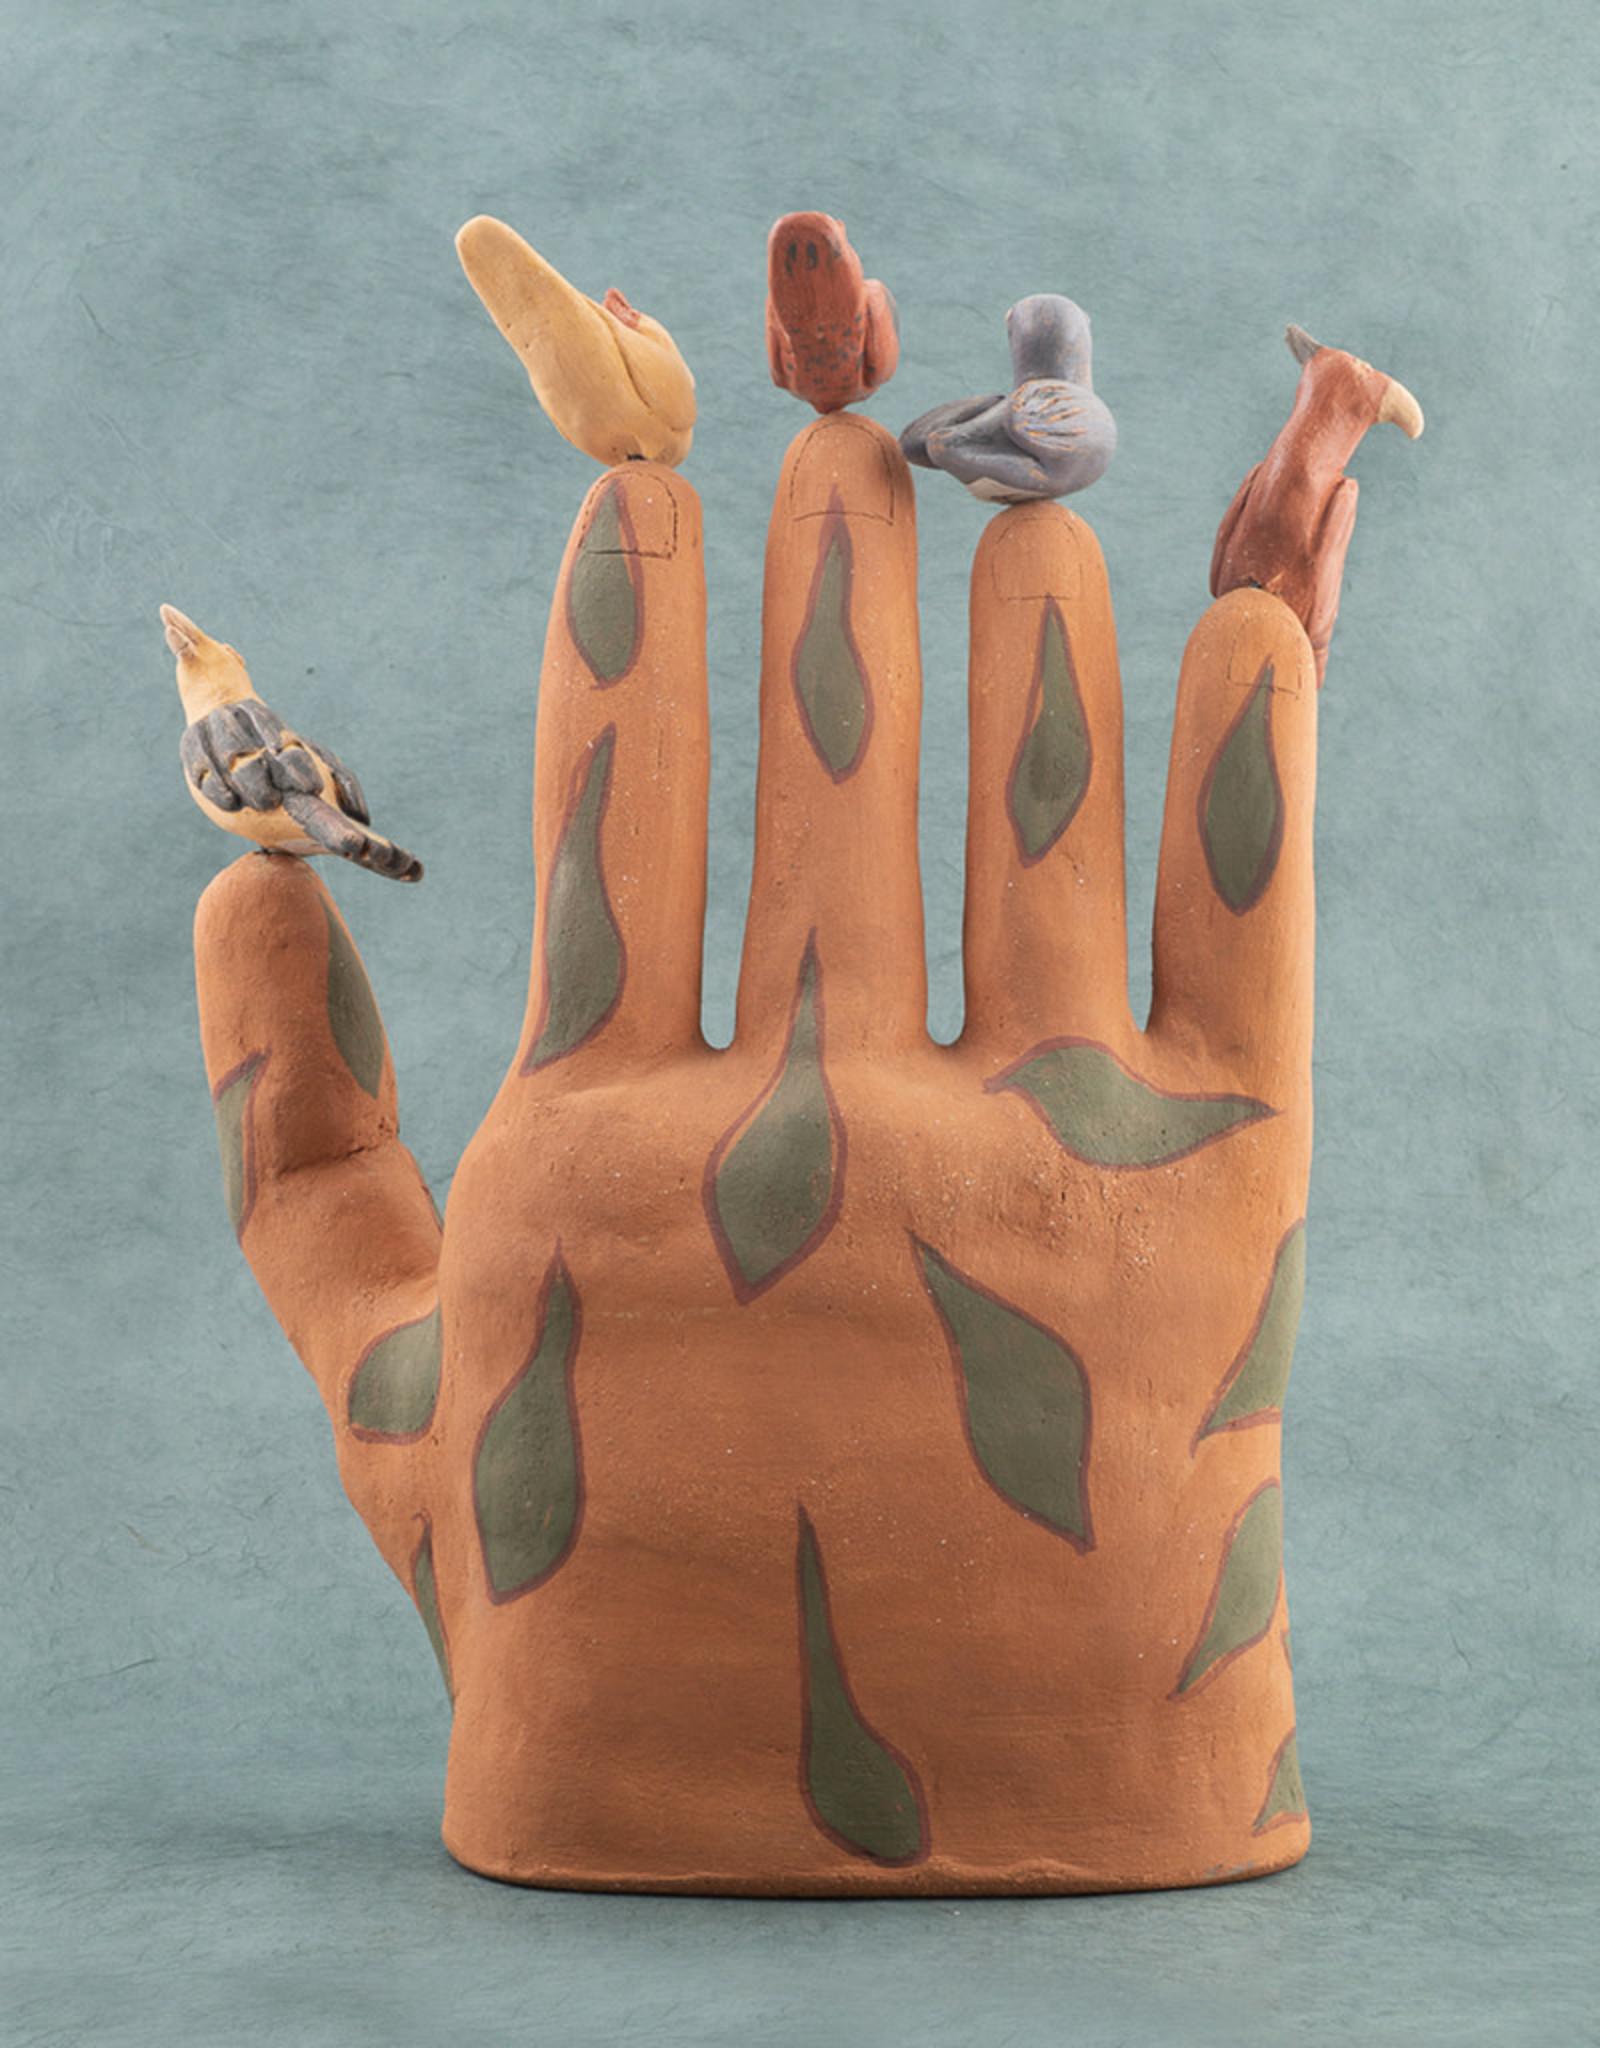 Manuel Reyes Mano de Vida Terracotta